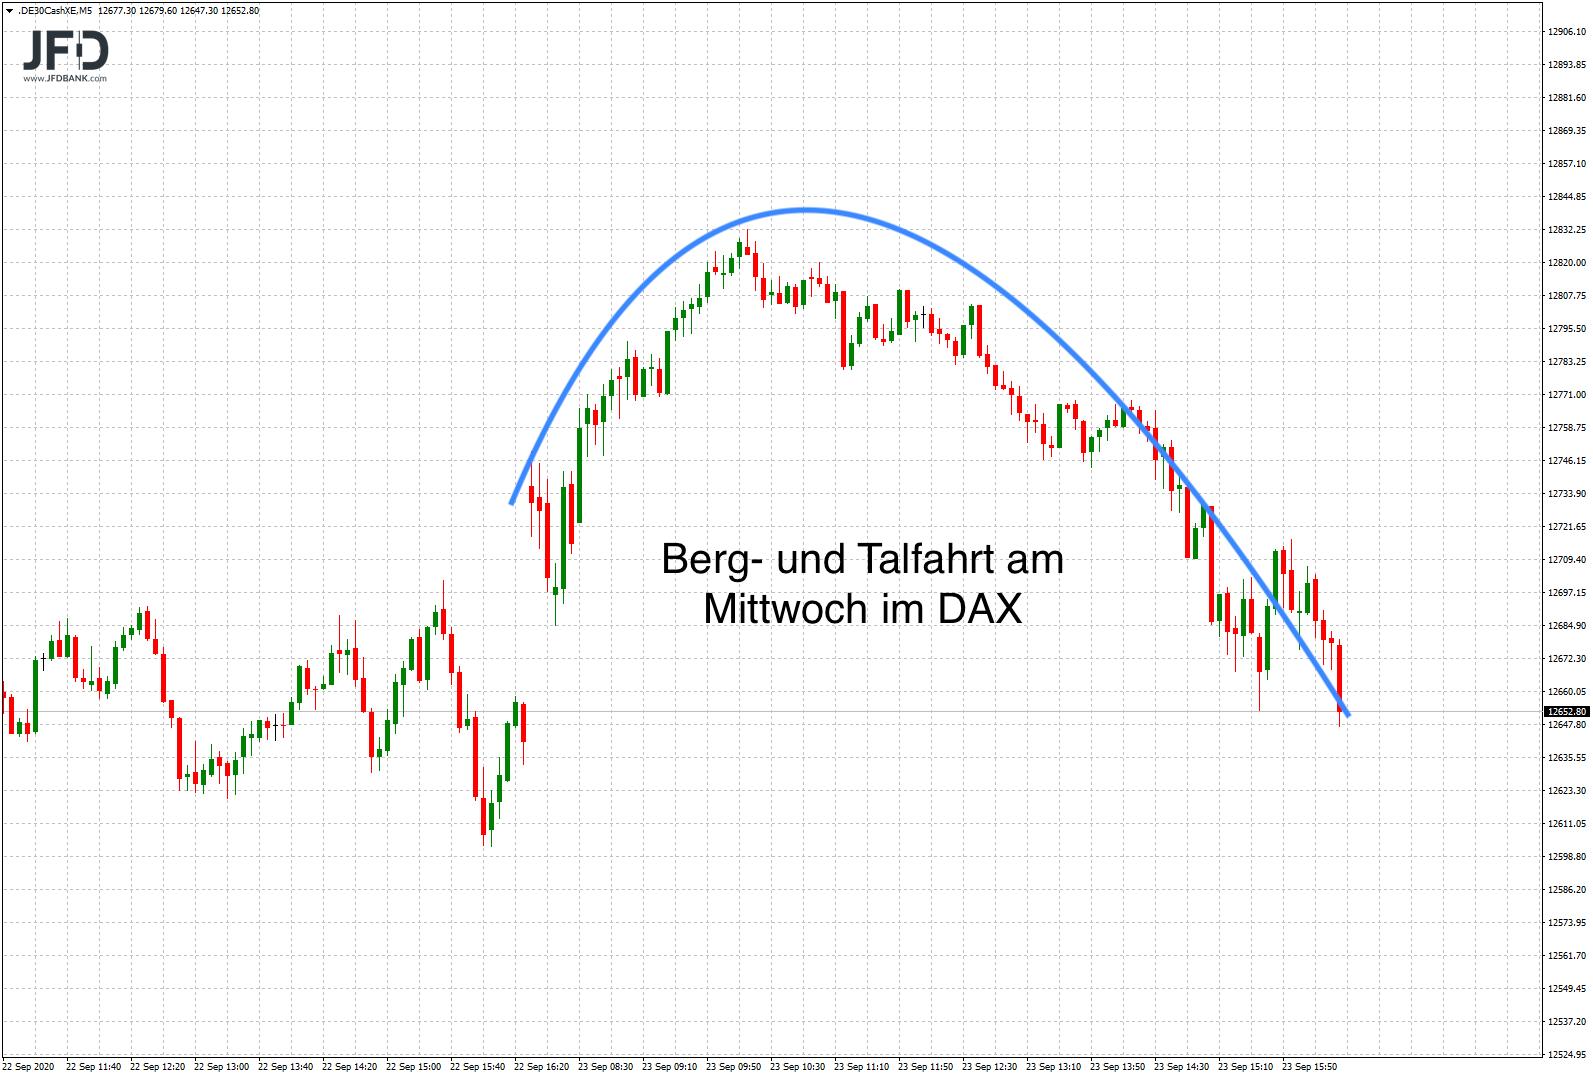 DAX-Korrektur-nach-oben-schon-wieder-vorbei-Kommentar-JFD-Bank-GodmodeTrader.de-3